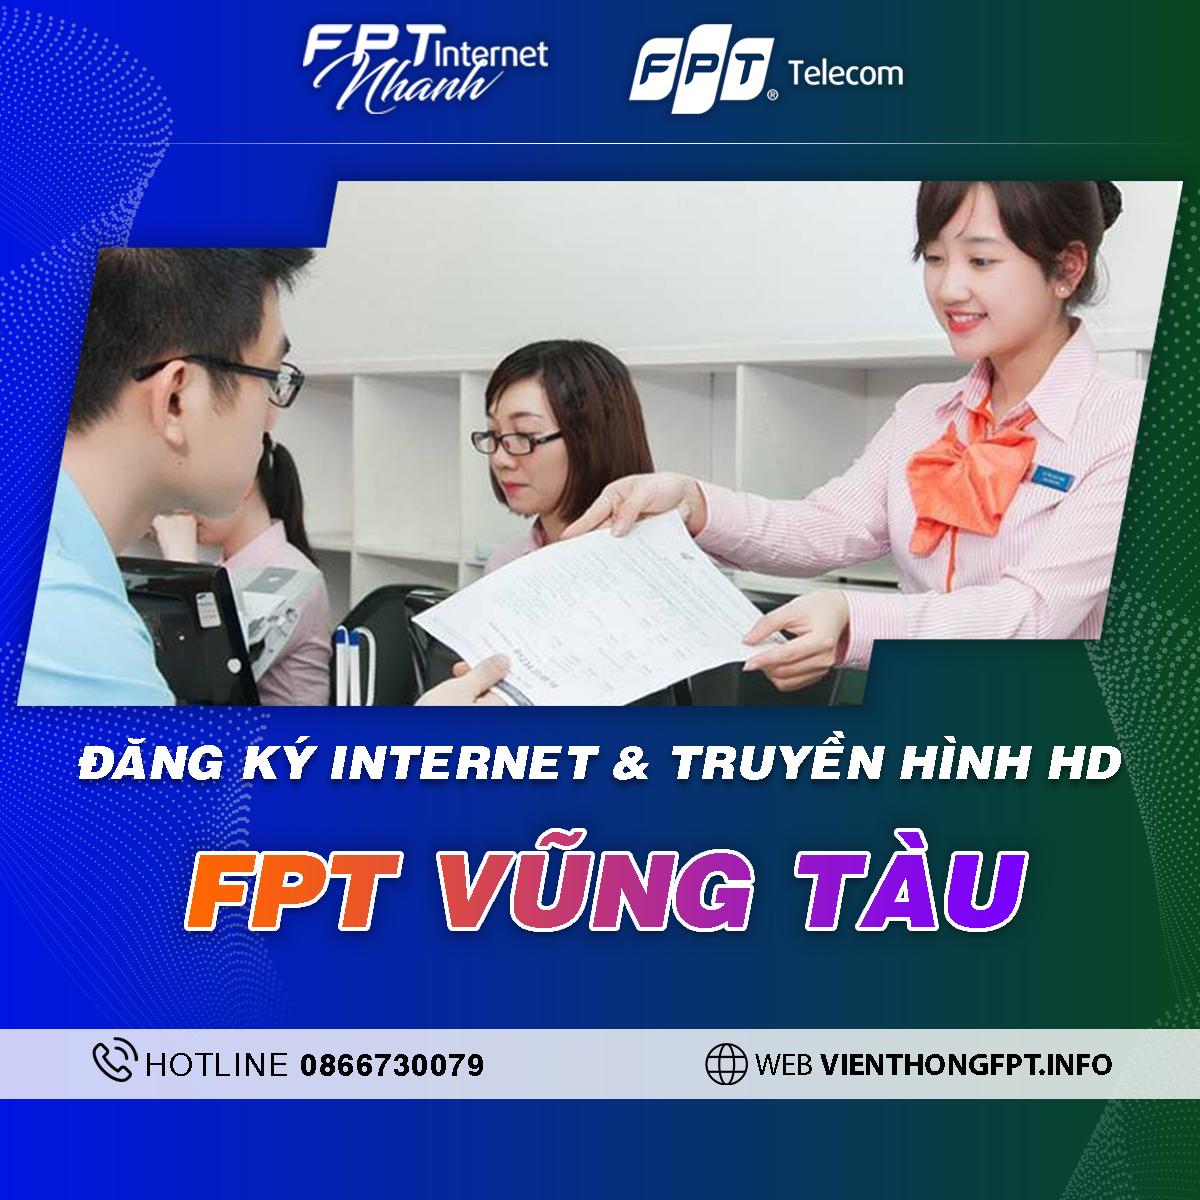 chi nhánh FPT Bà Rịa - Vũng Tàu - Tổng đài lắp mạng FPT Telecom